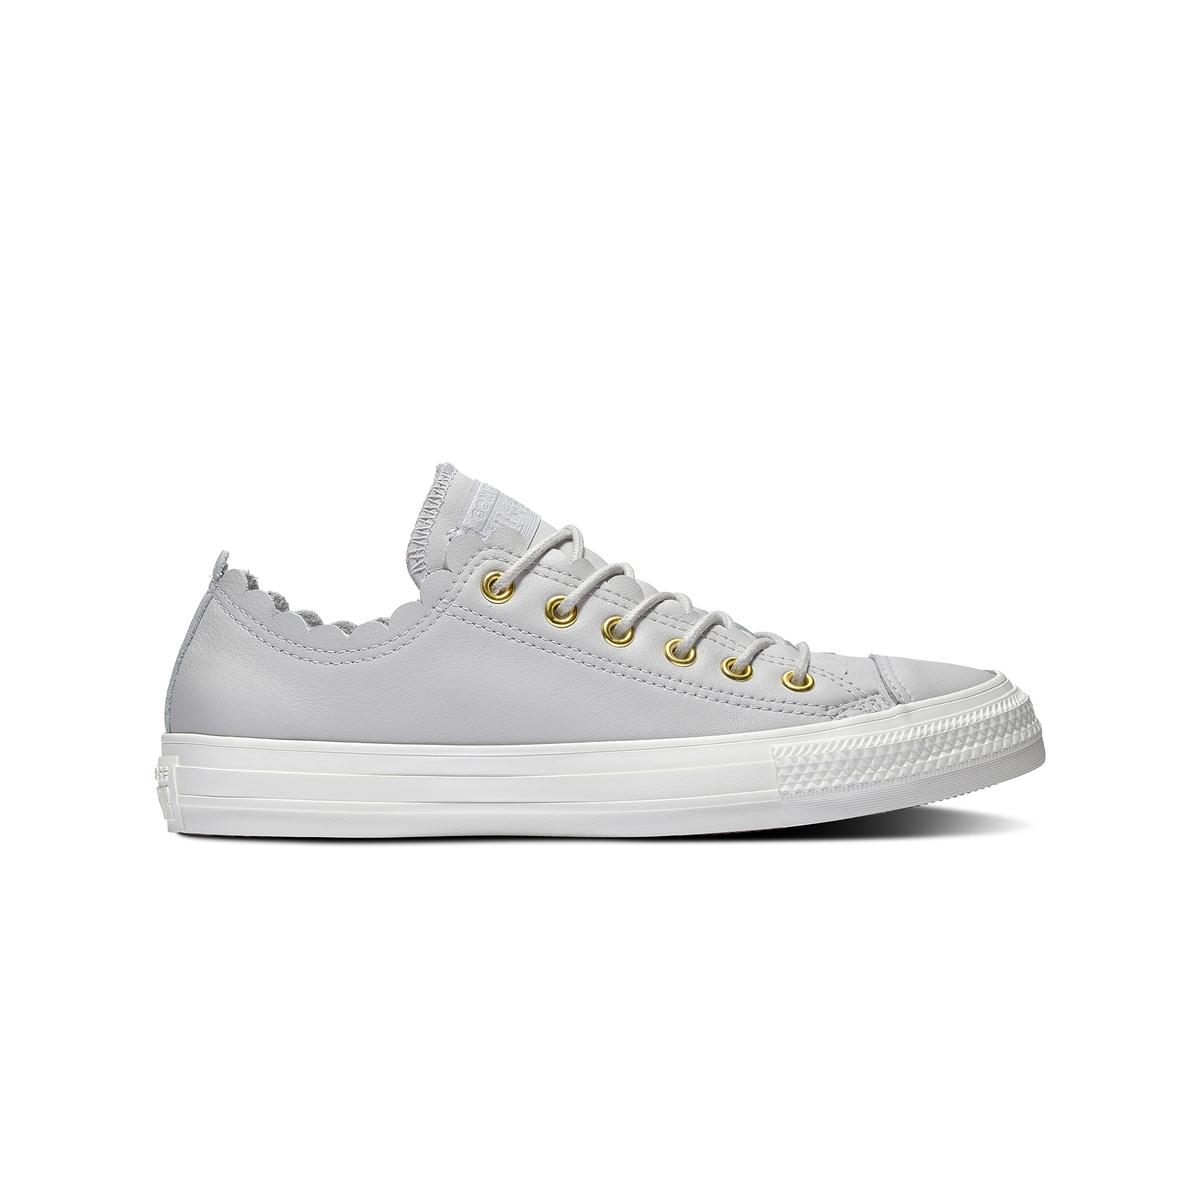 Zapatillas de piel con acabado ondulado CTAS OX